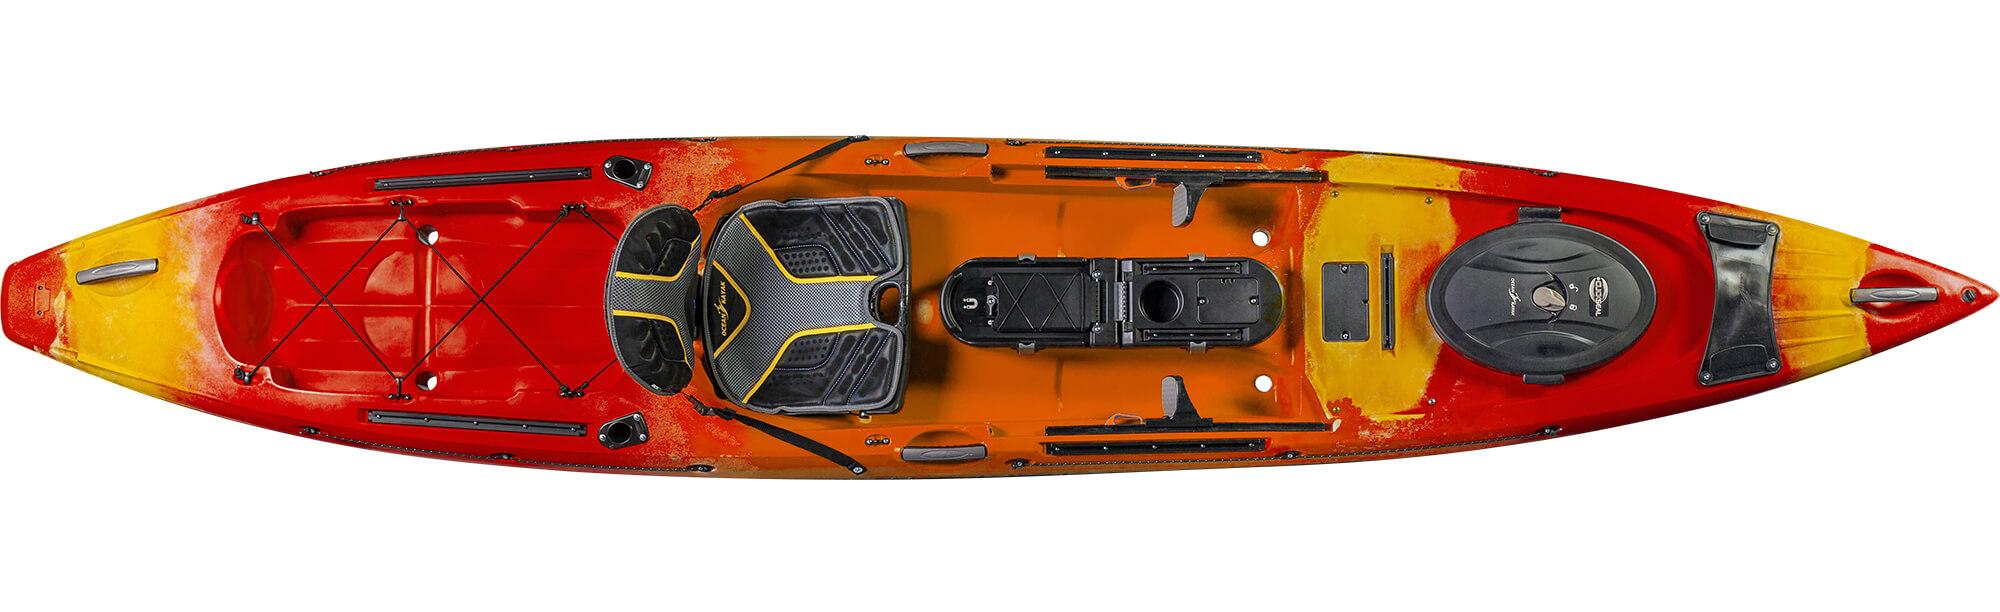 Ocean Kayak Trident 13 Angler Fishing Kayak 2019